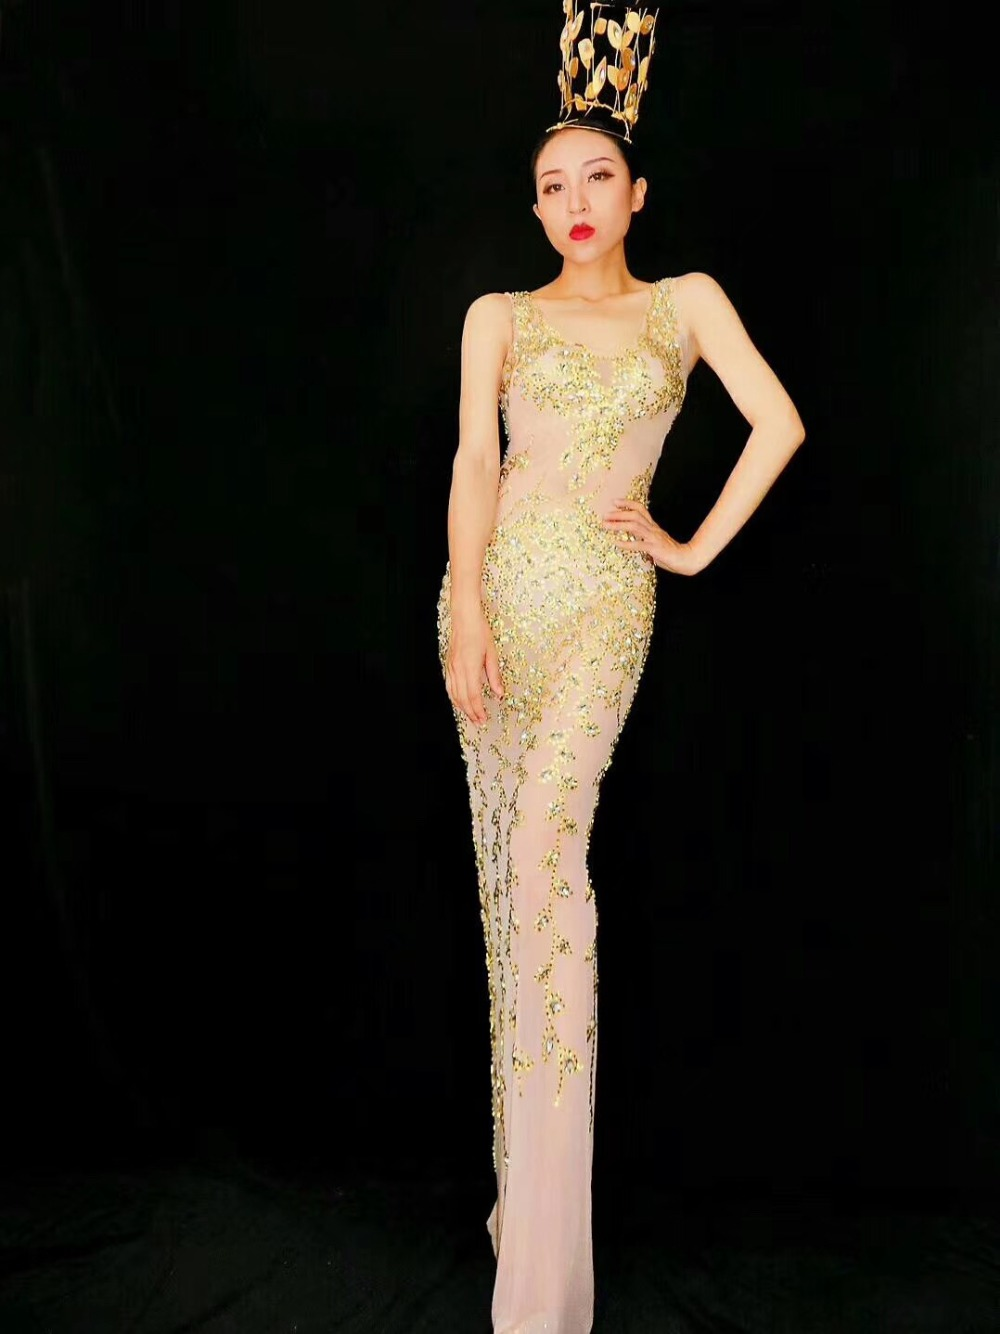 2019 femmes nouvelle mode brillant RhinestonesNet fil Transparent Cool Sexy longue robe femme chanteuse célébrer tenue de soirée robe - 3